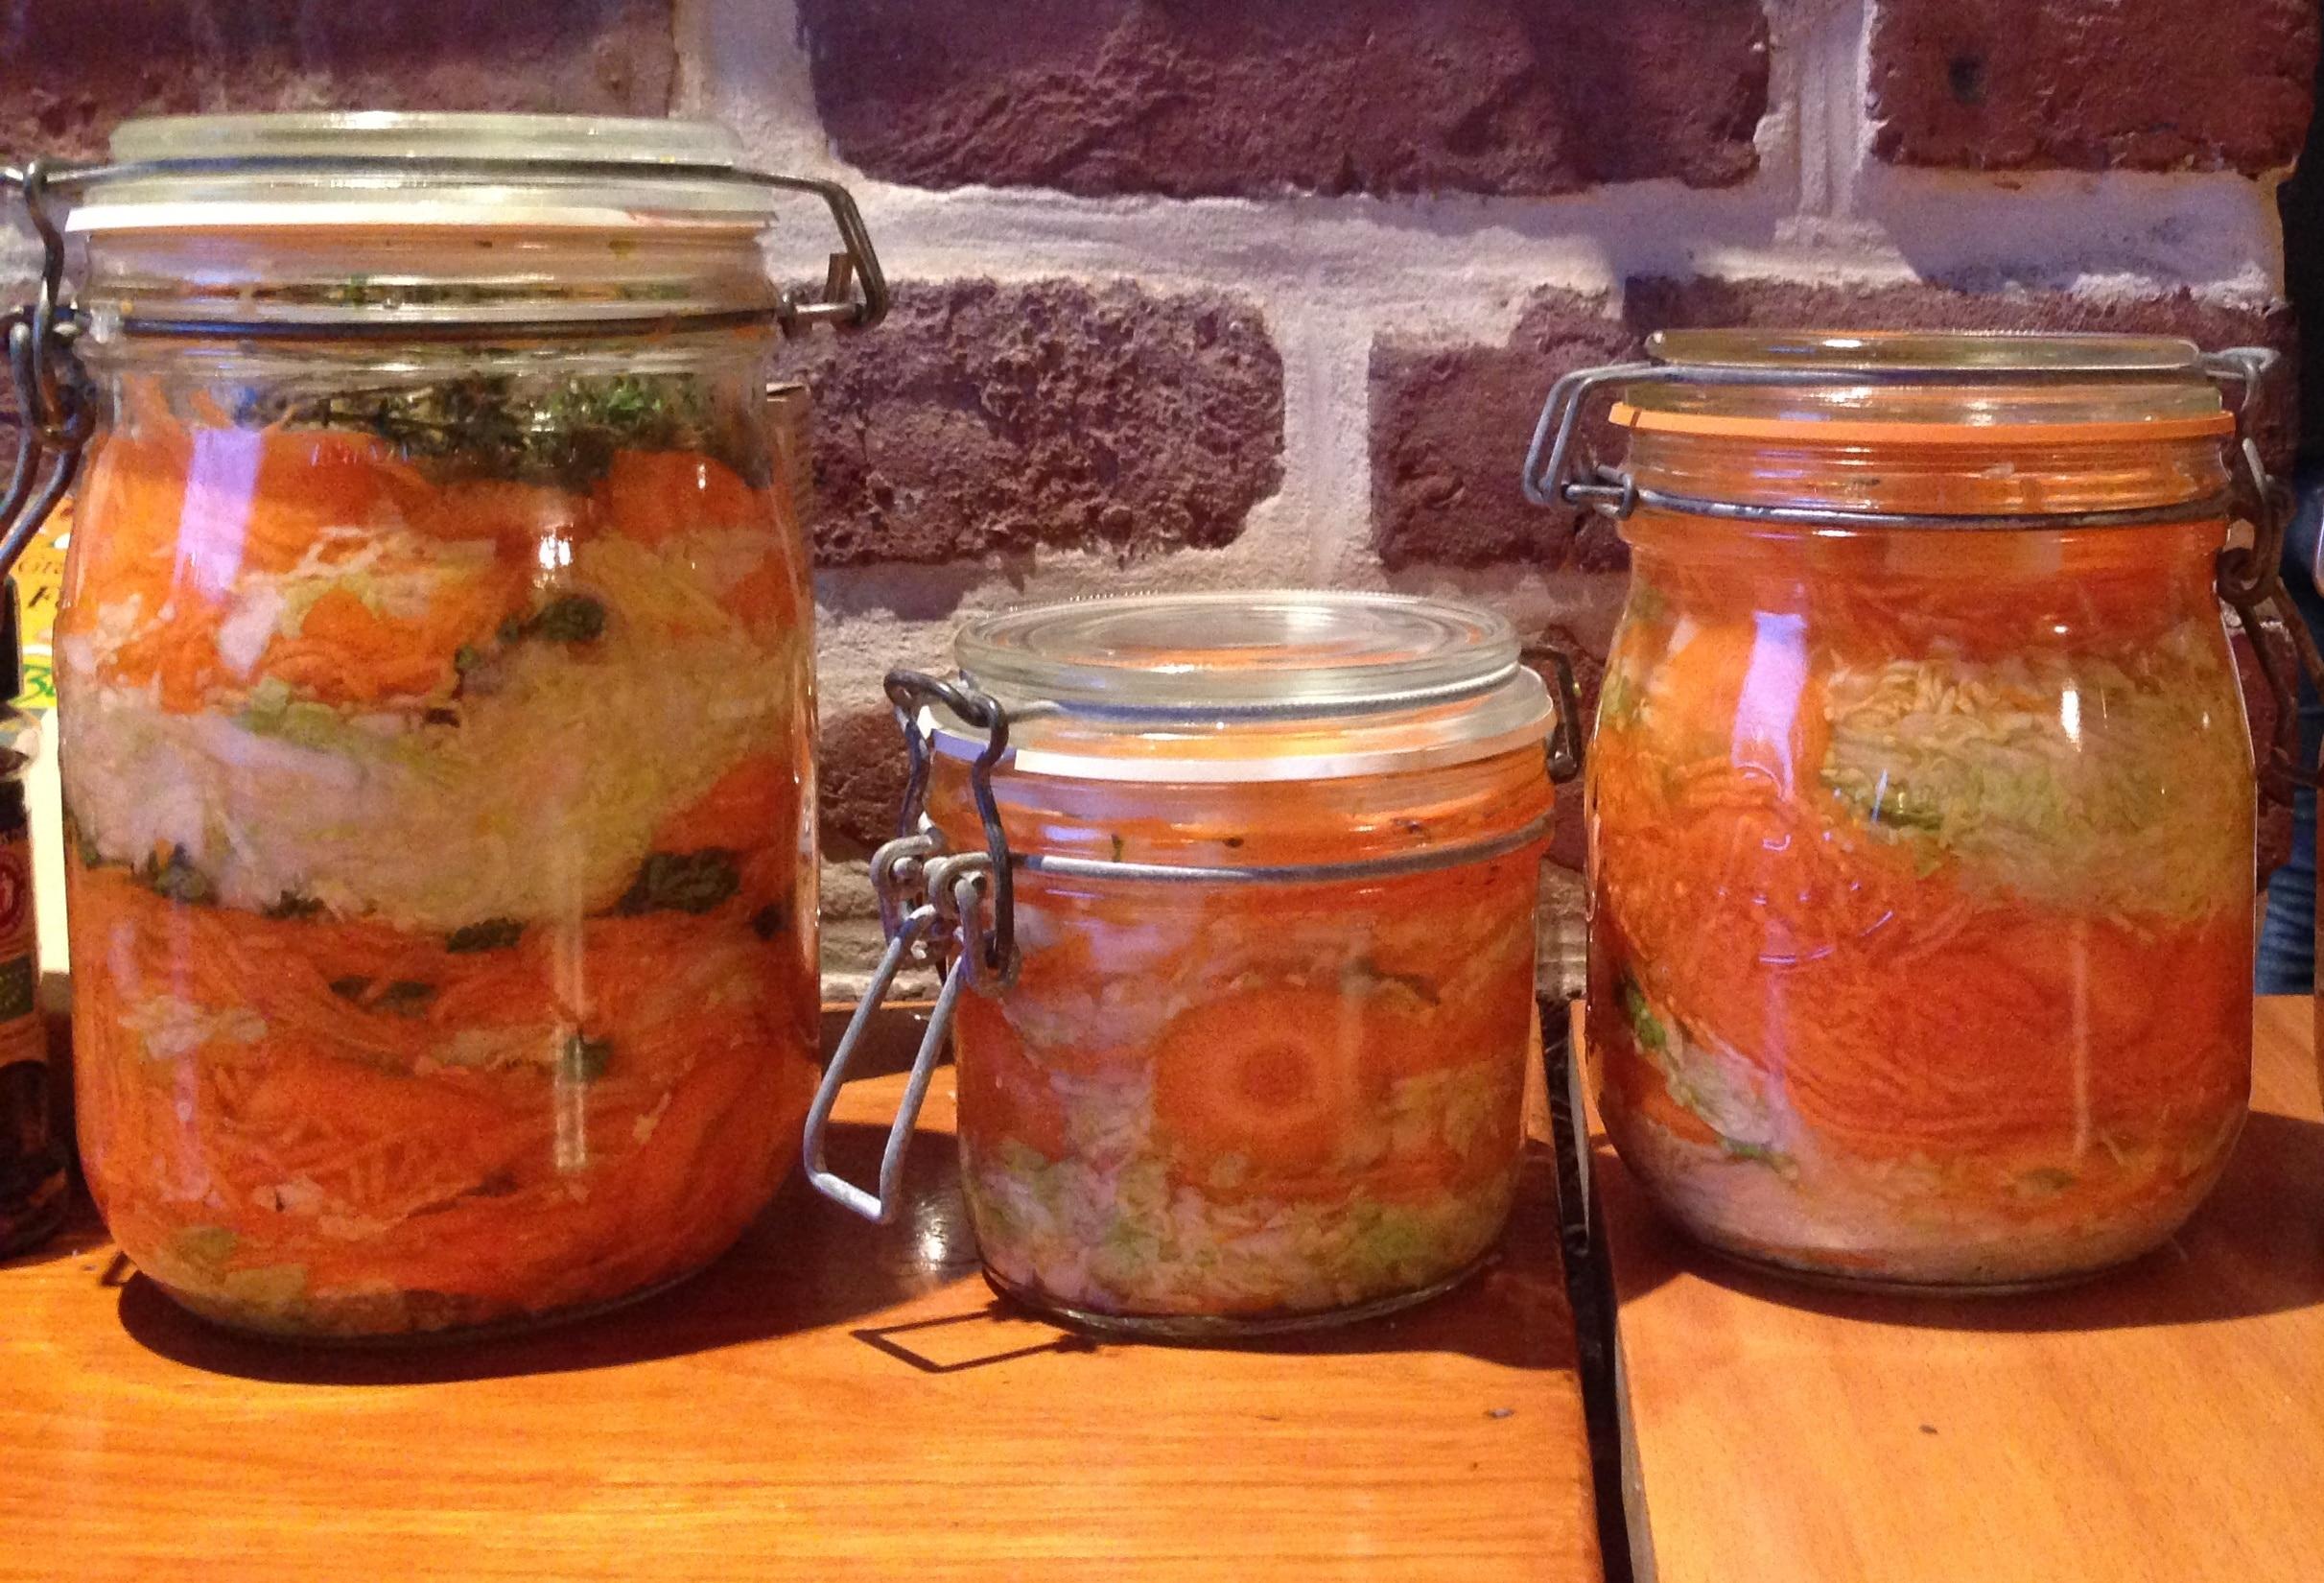 légumes lacto-fermentés vegetarien probiotique nathalie wheatley